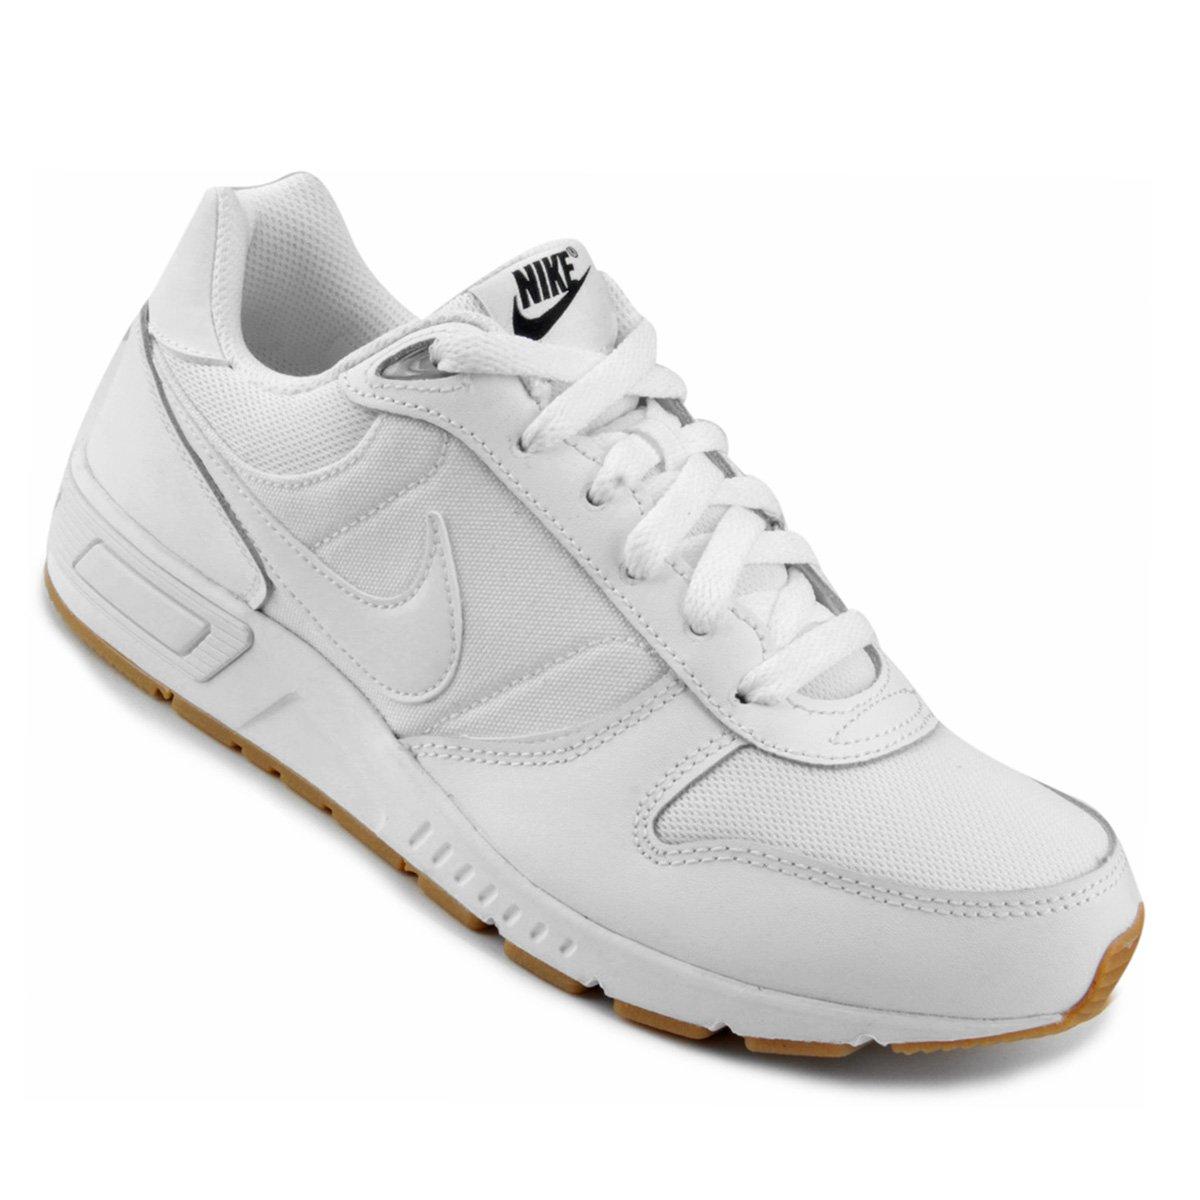 Tênis Nike Nightgazer Masculino - Branco e Preto - Compre Agora ... 98320d6cfff7c